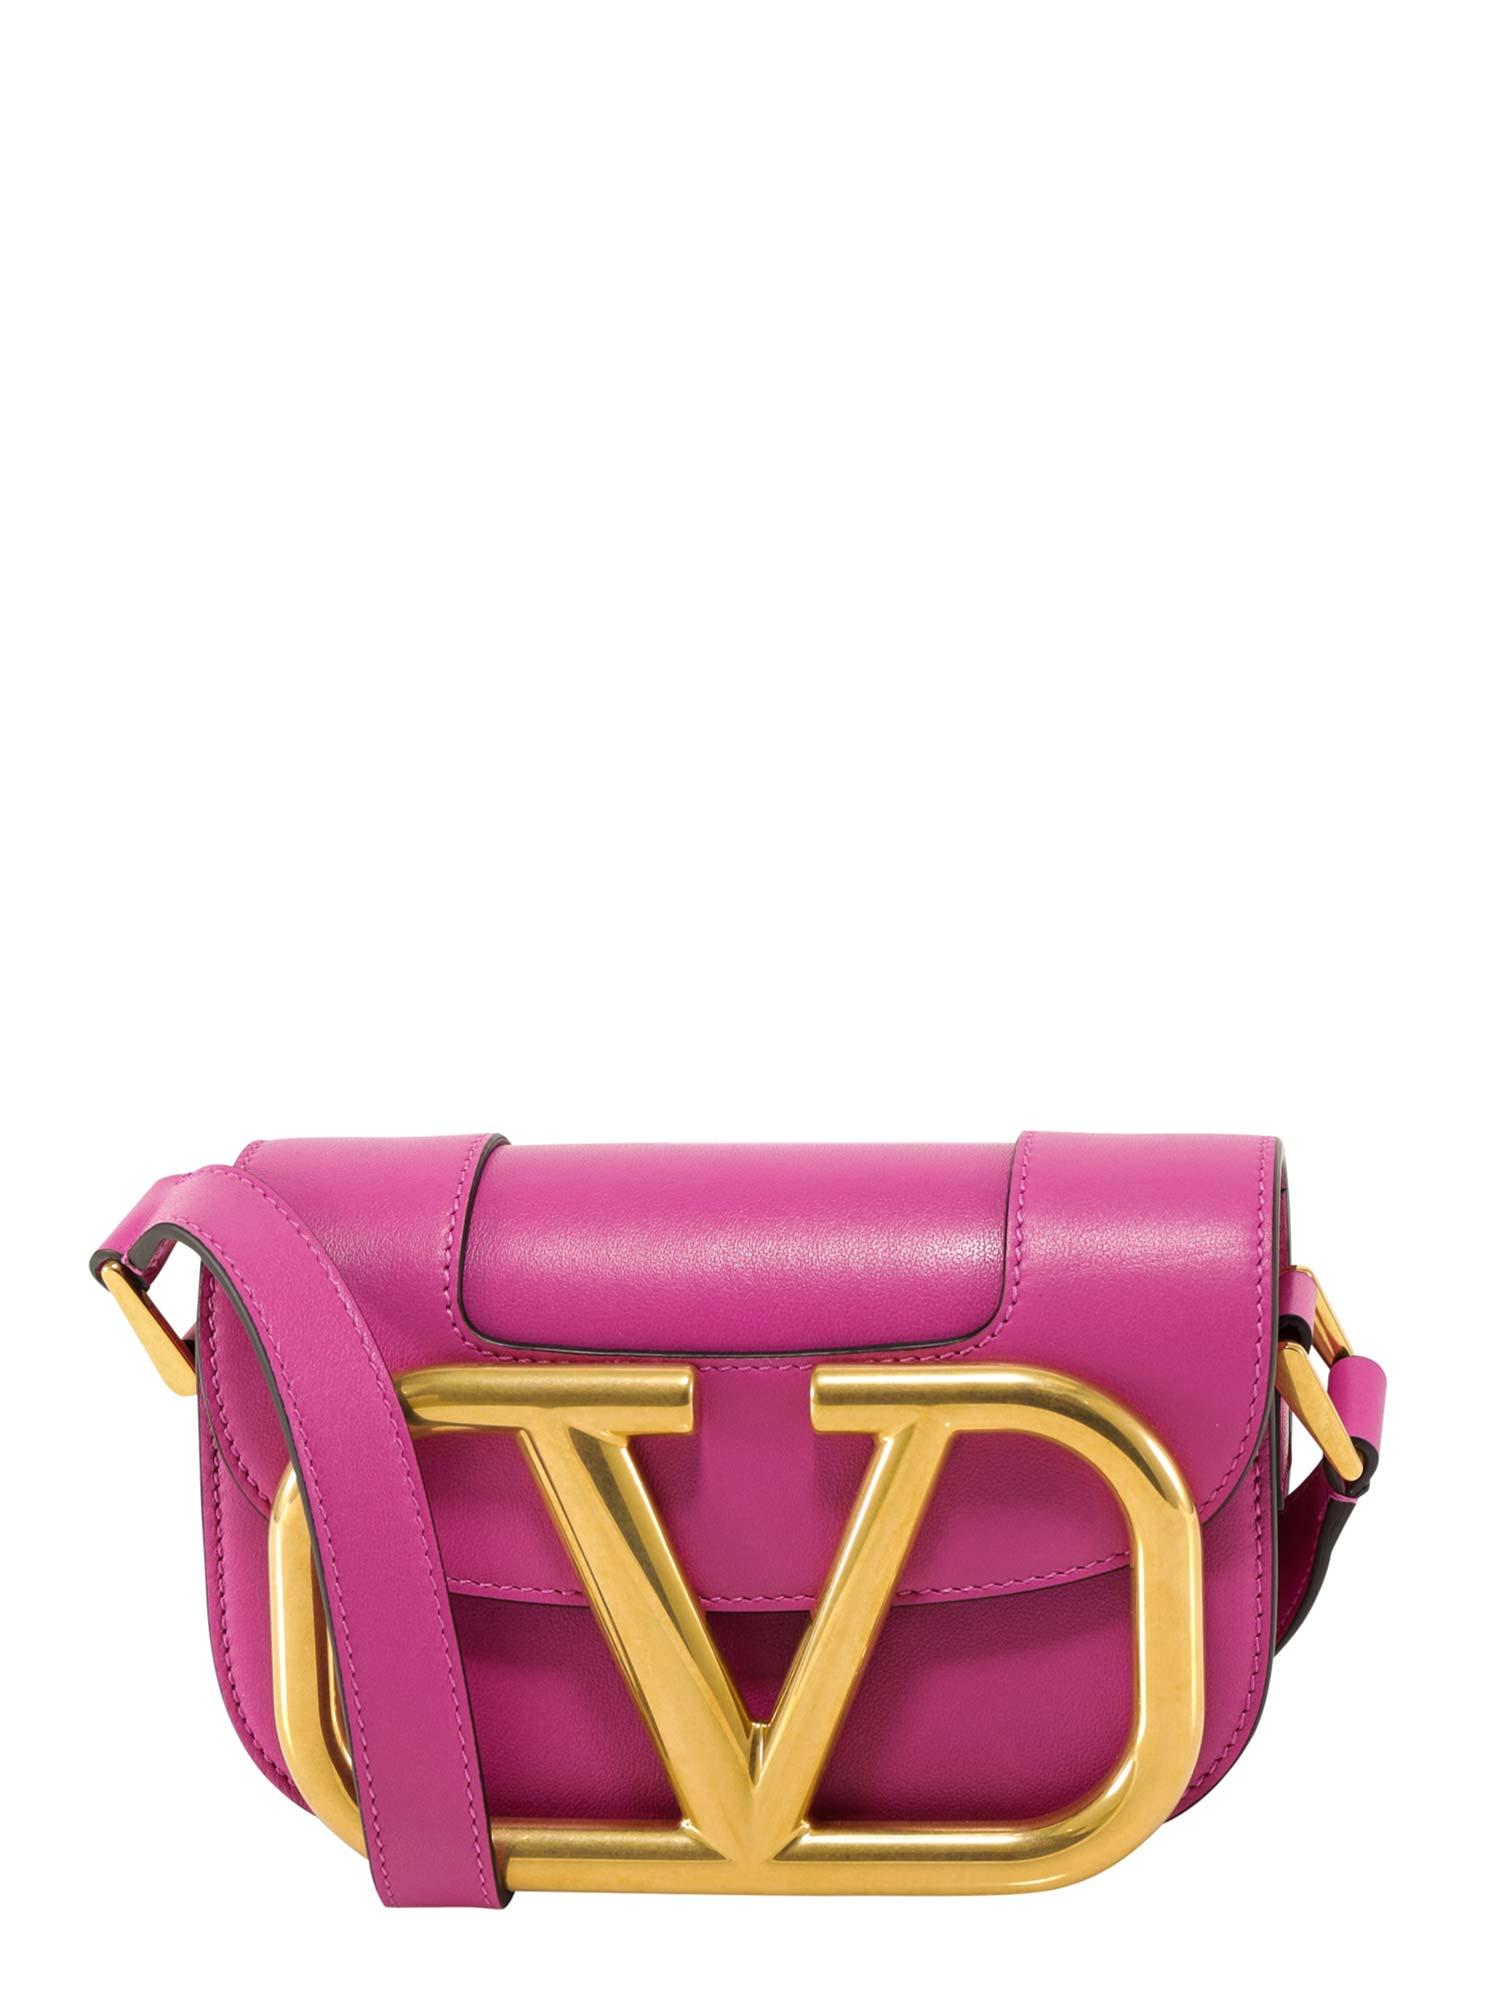 Valentino SUPERVEE SHOULDER BAG